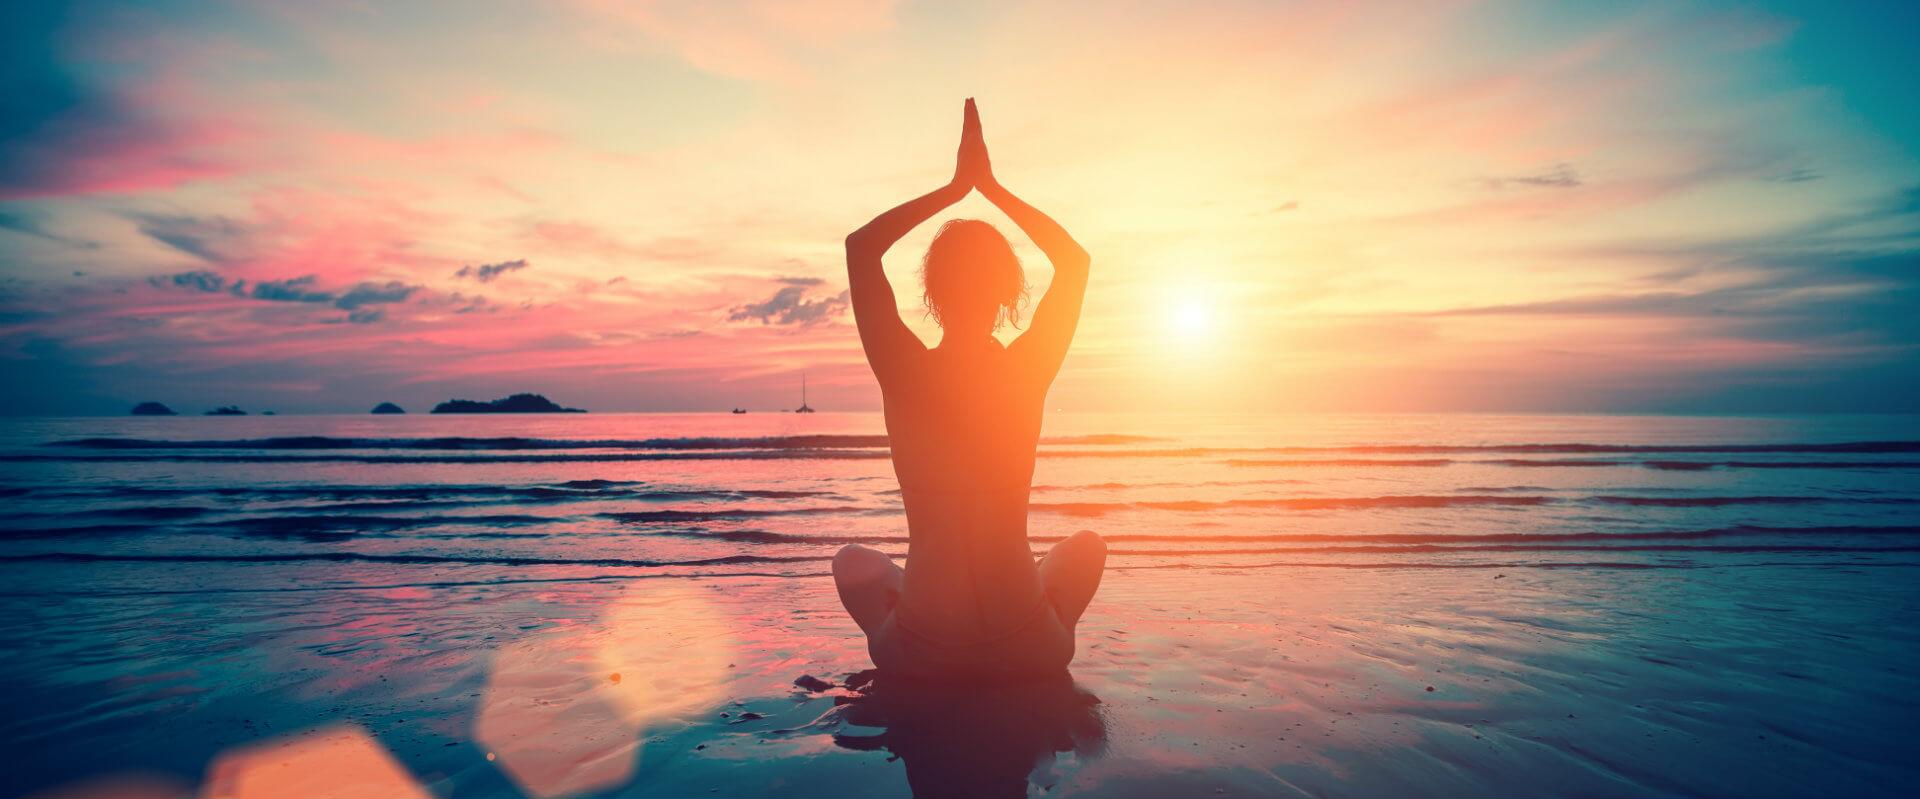 7 posturas de yoga para comenzar bien el día